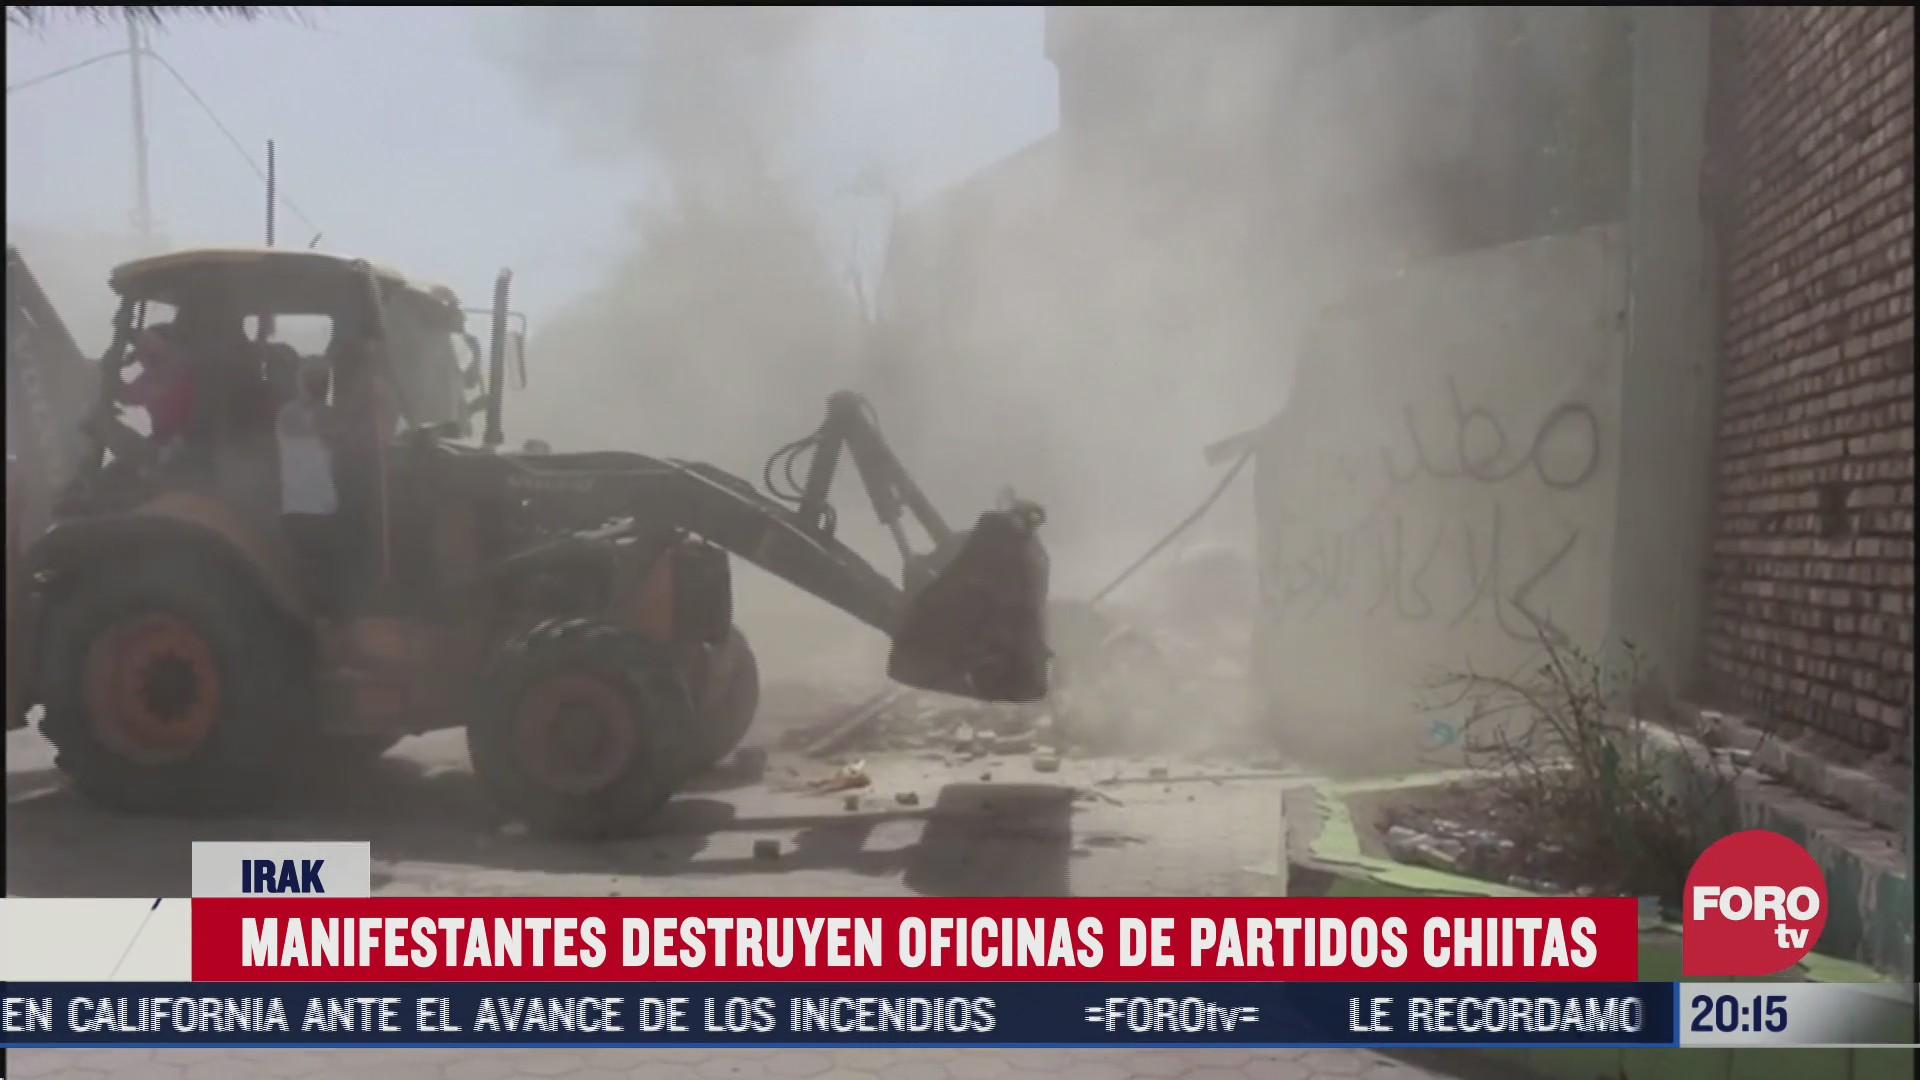 protestan en irak contra partidos chiitas